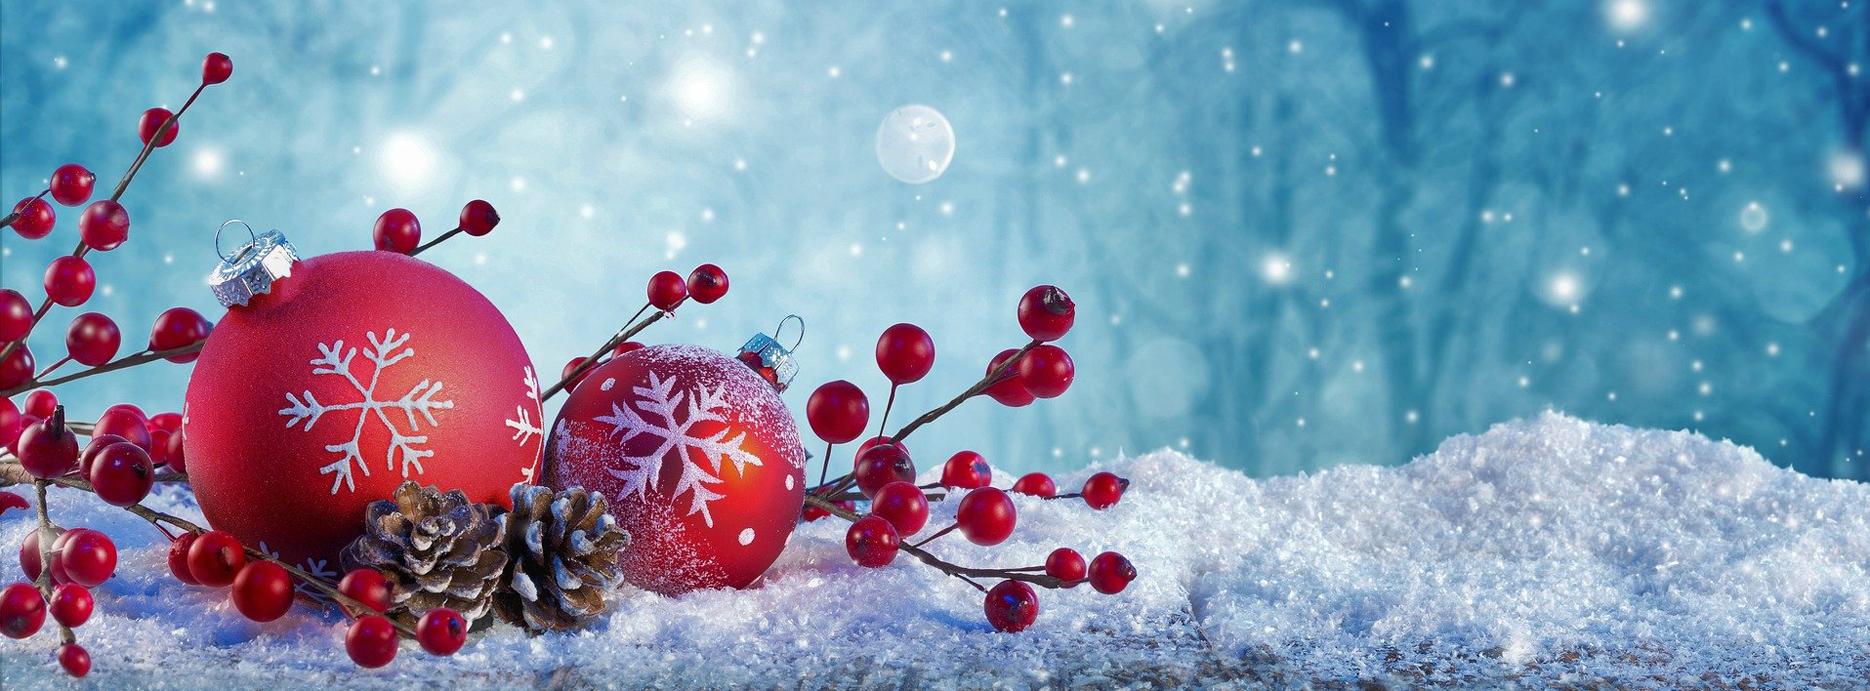 Holiday background image